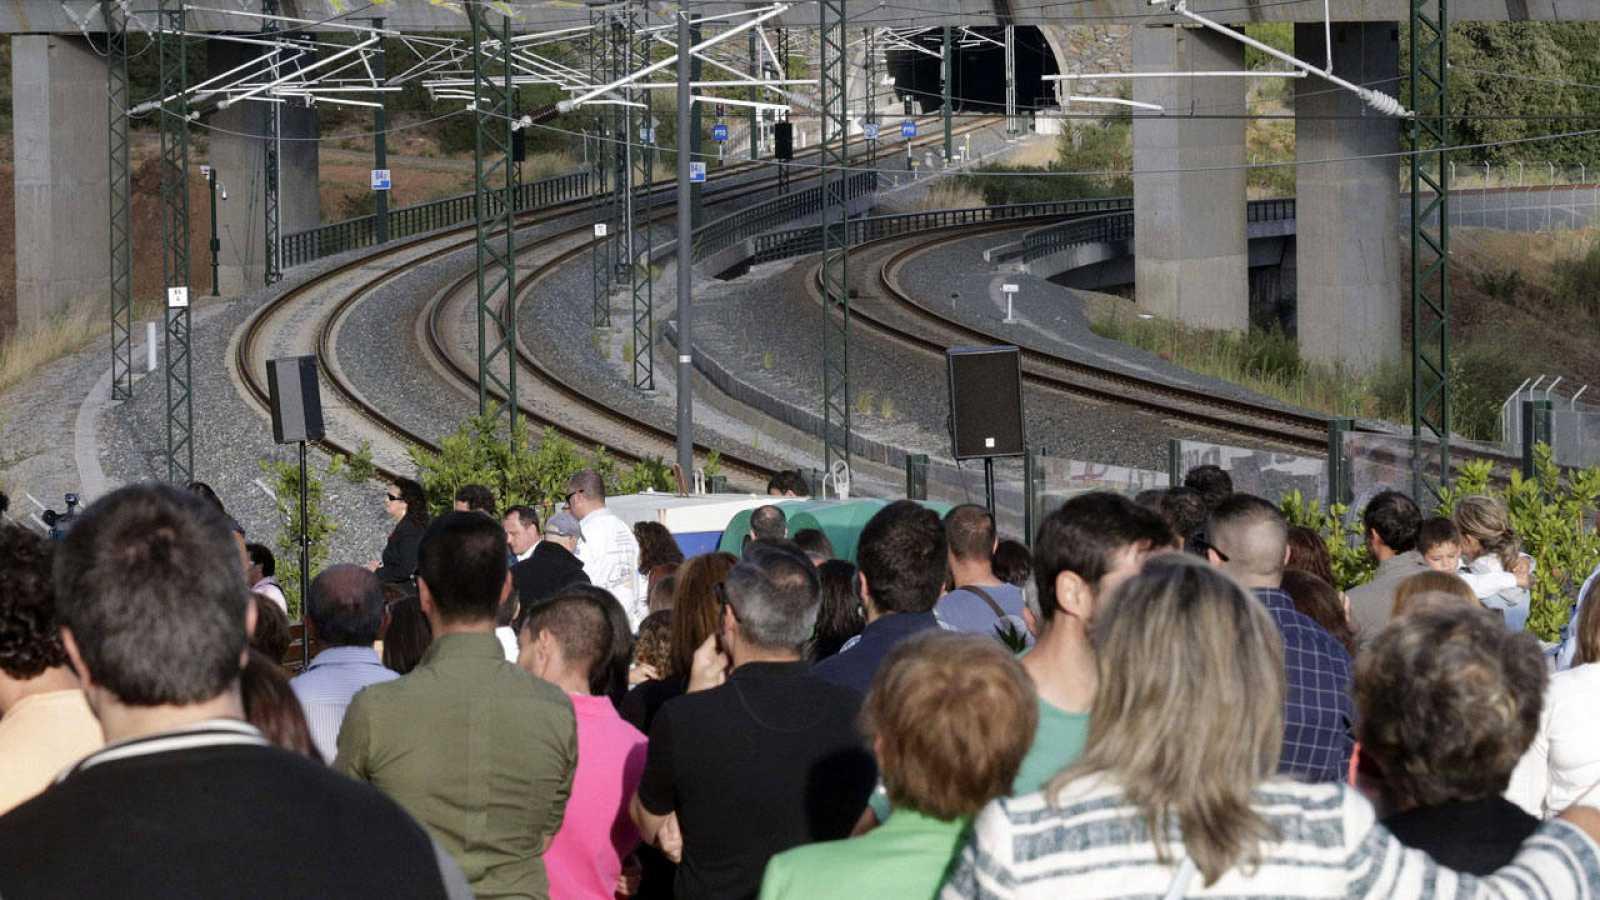 Víctimas y familiares en la curva de Angrois dos años después del accidente.